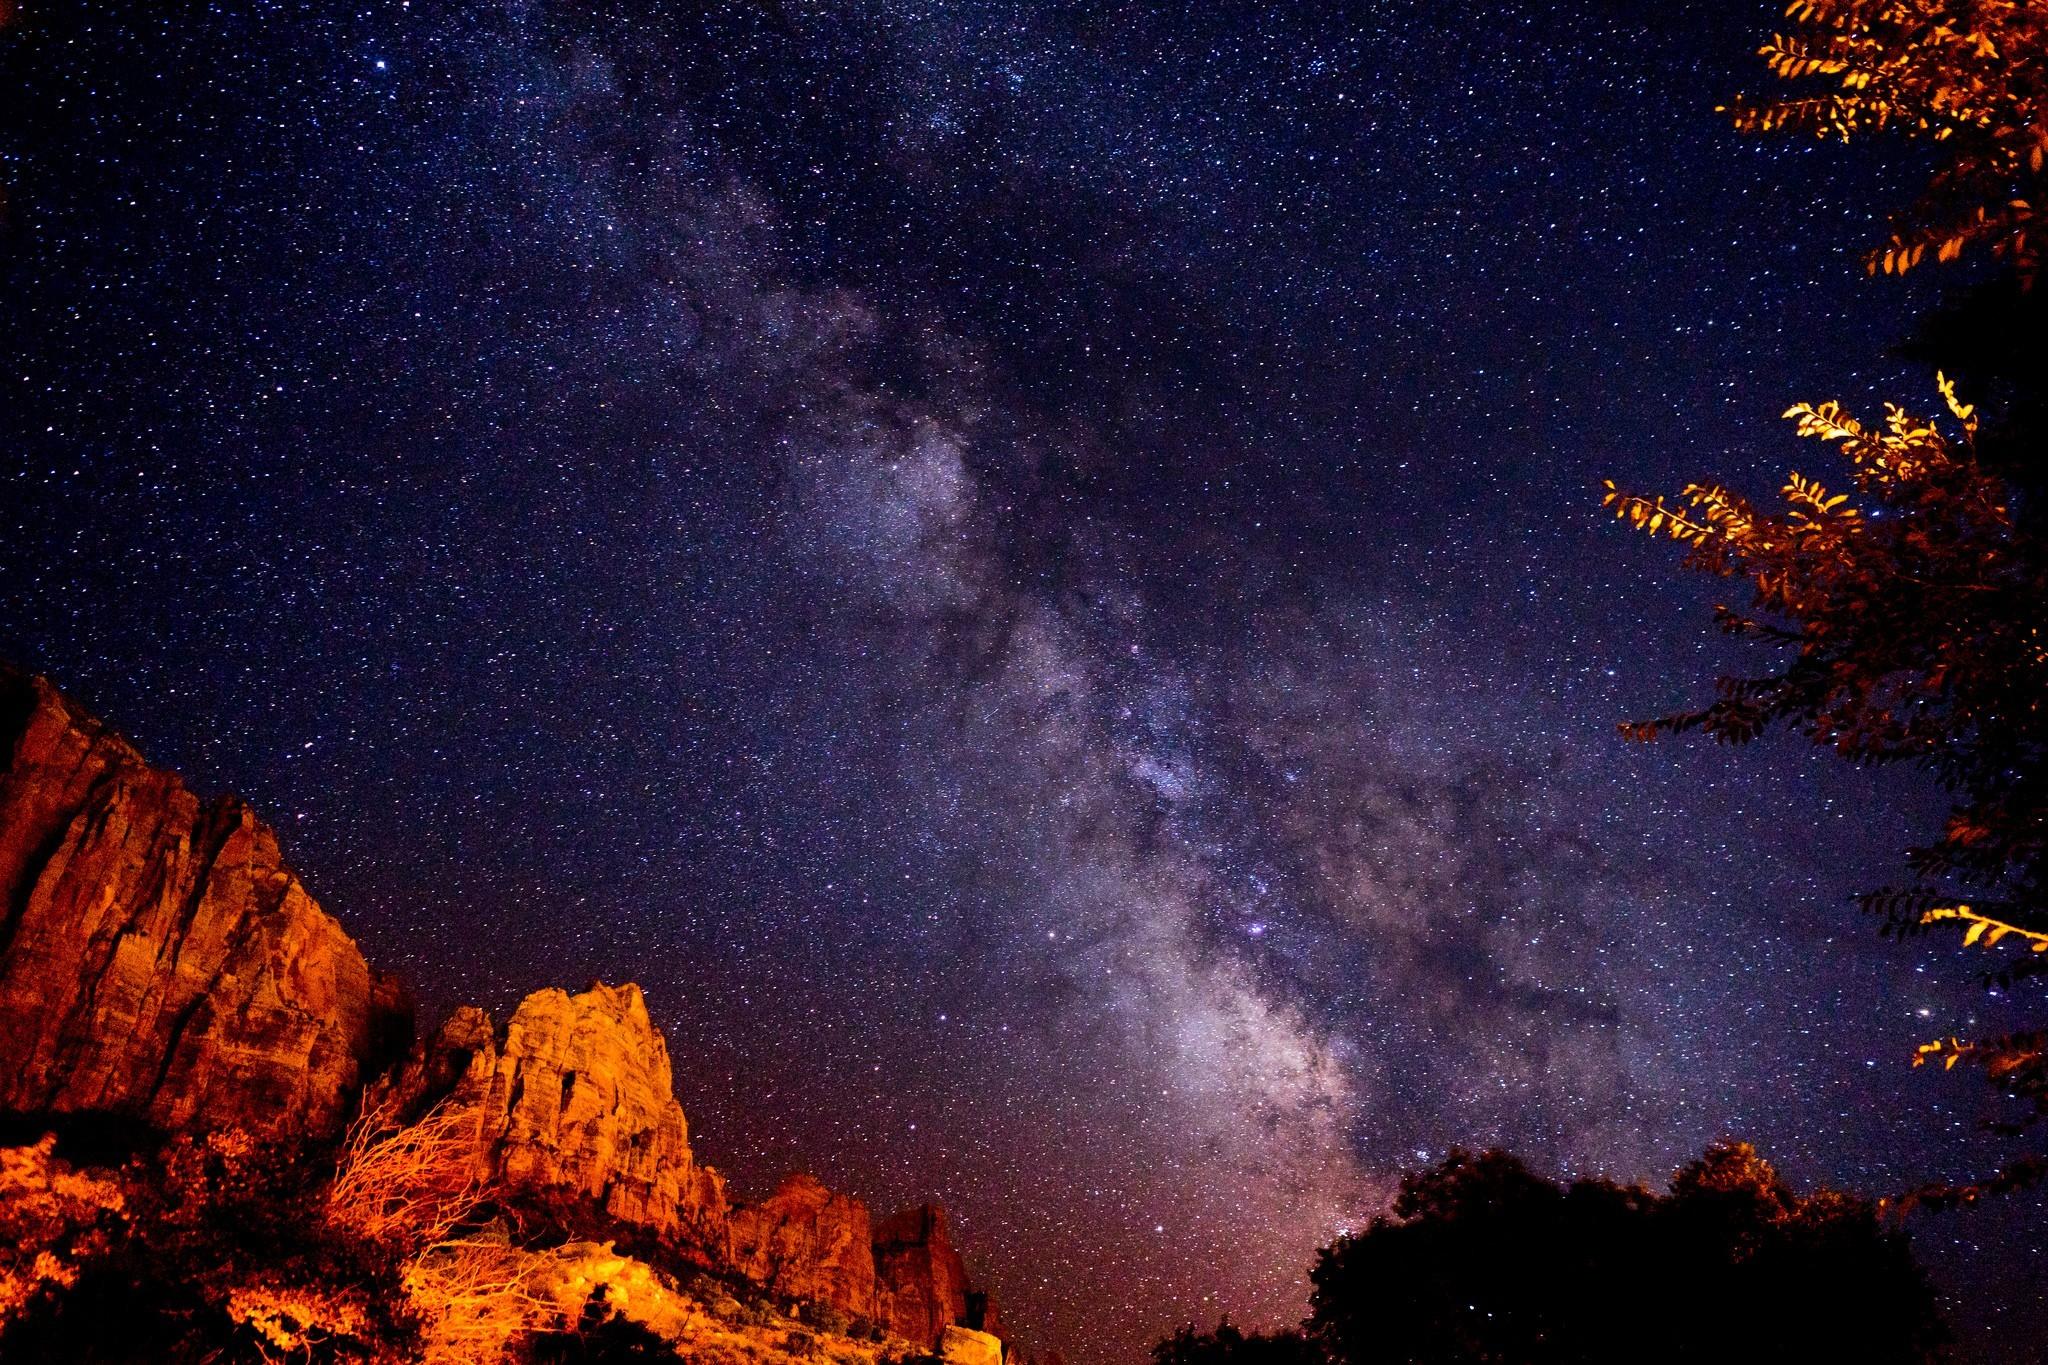 здоровье, картинки звездного неба в высоком качестве натуральную